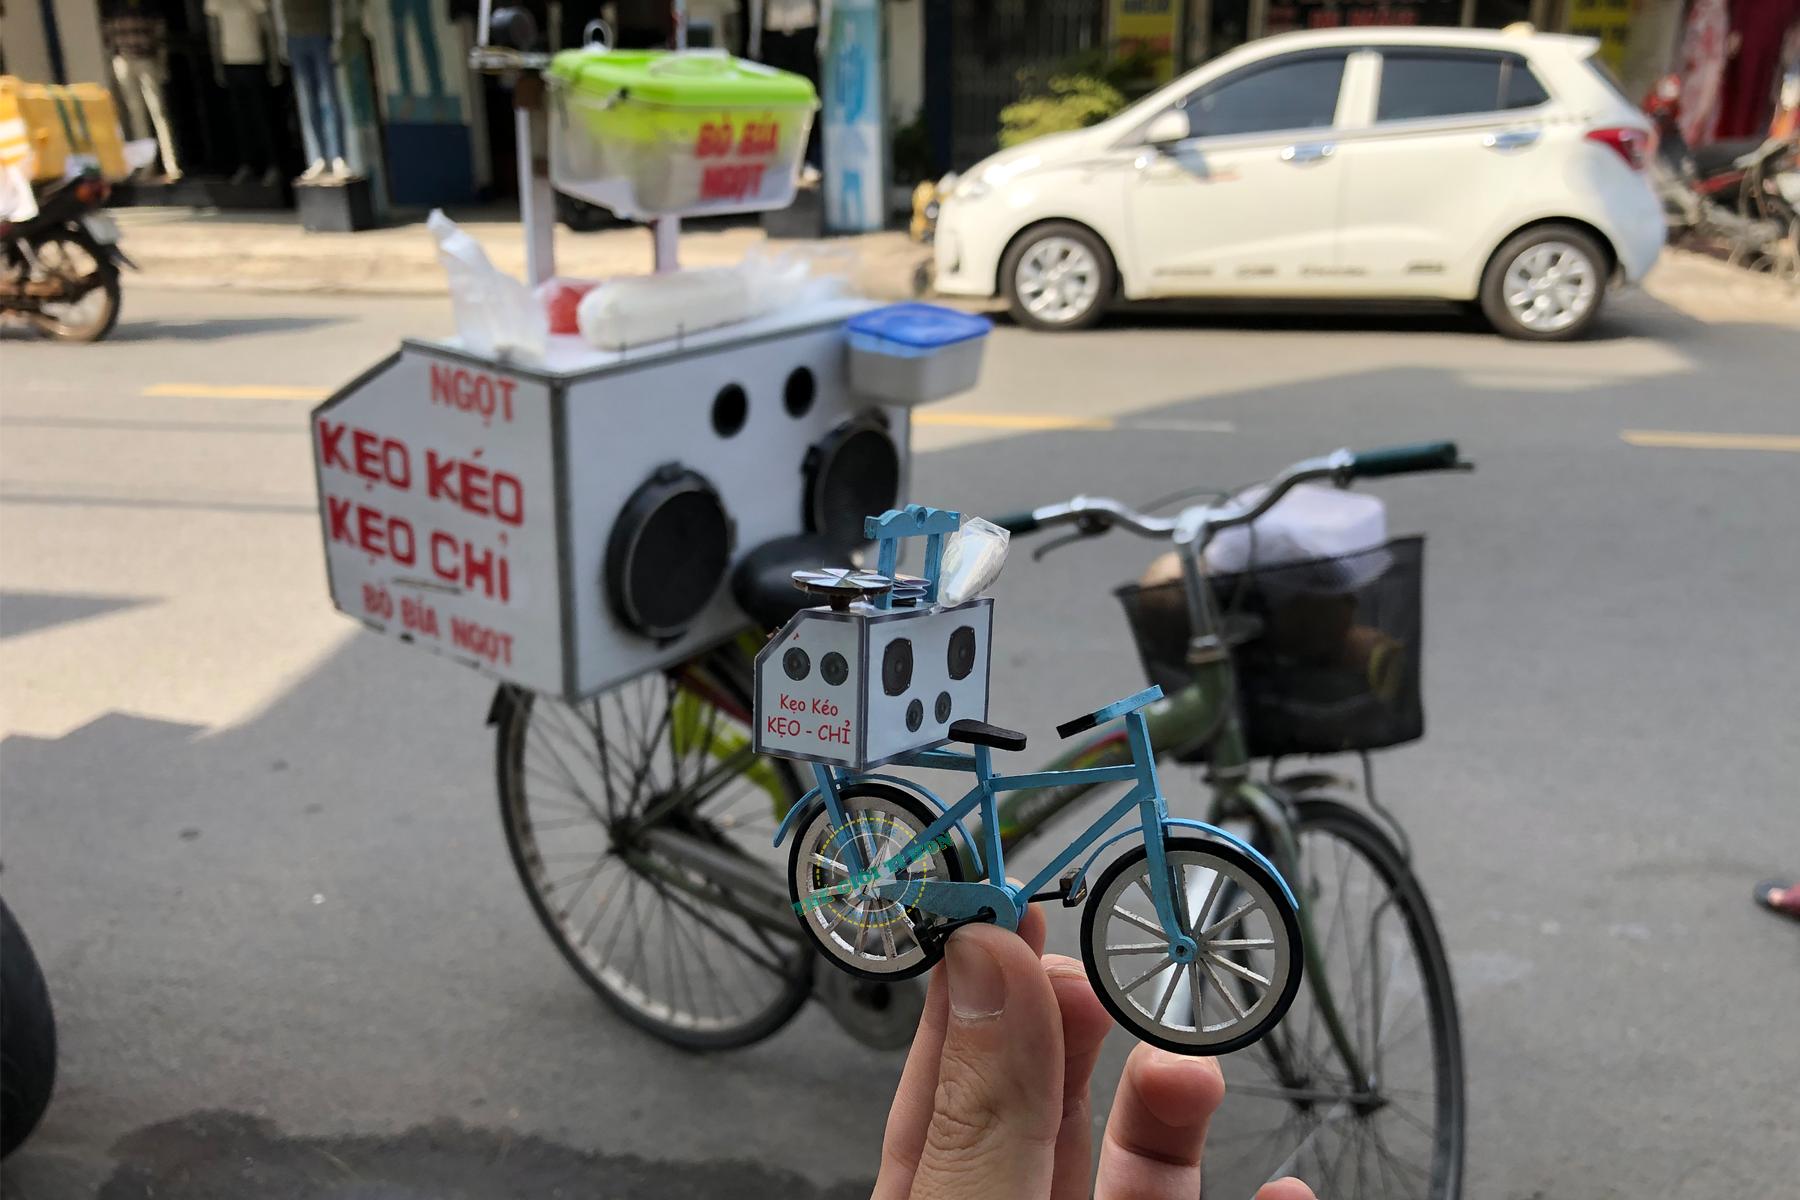 mô hình xe kẹo kéo sài gòn thu nhỏ - HR03 (8)